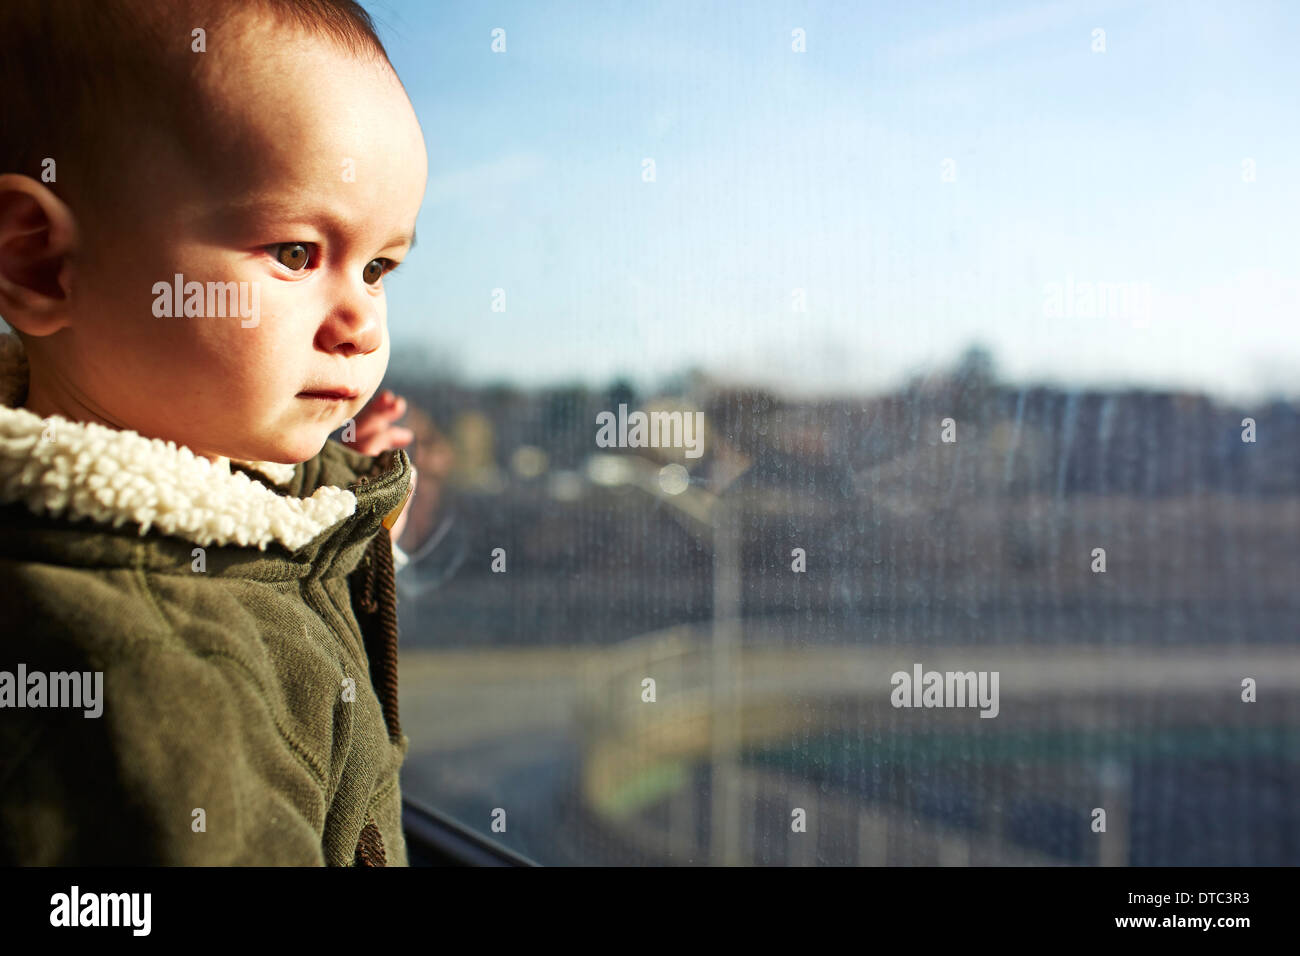 Cerca de Baby Boy mirando fuera de la ventana Imagen De Stock